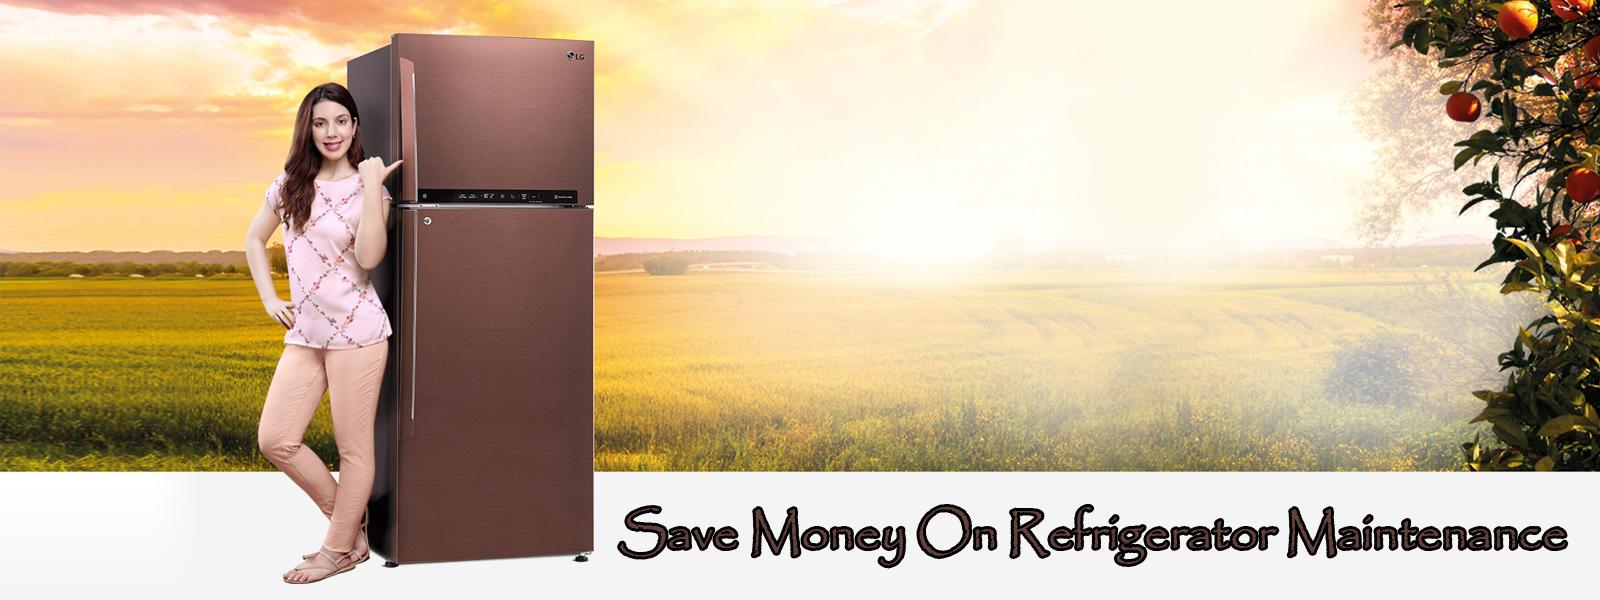 Save Money On Refrigerator Maintenance